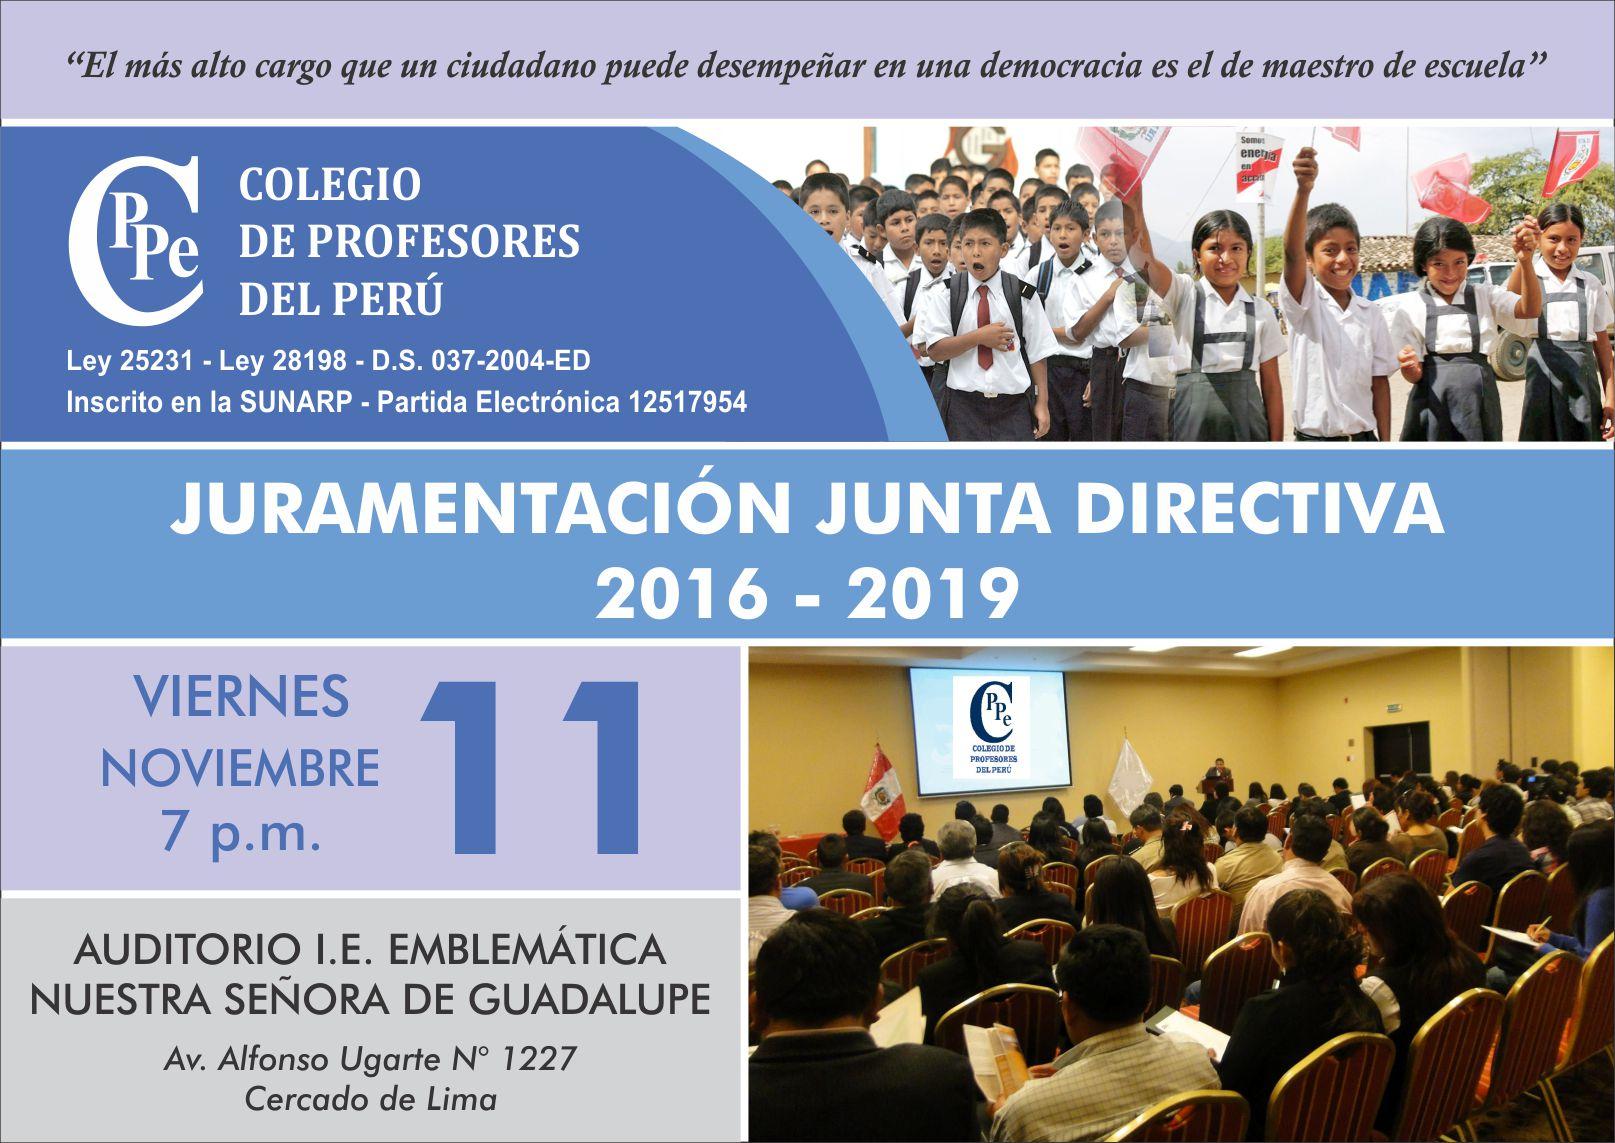 INVITACIÓN A LA JURAMENTACIÓN DE LA NUEVA JUNTA DIRECTIVA NACIONAL DEL CPPe, PERIODO 2016-2019